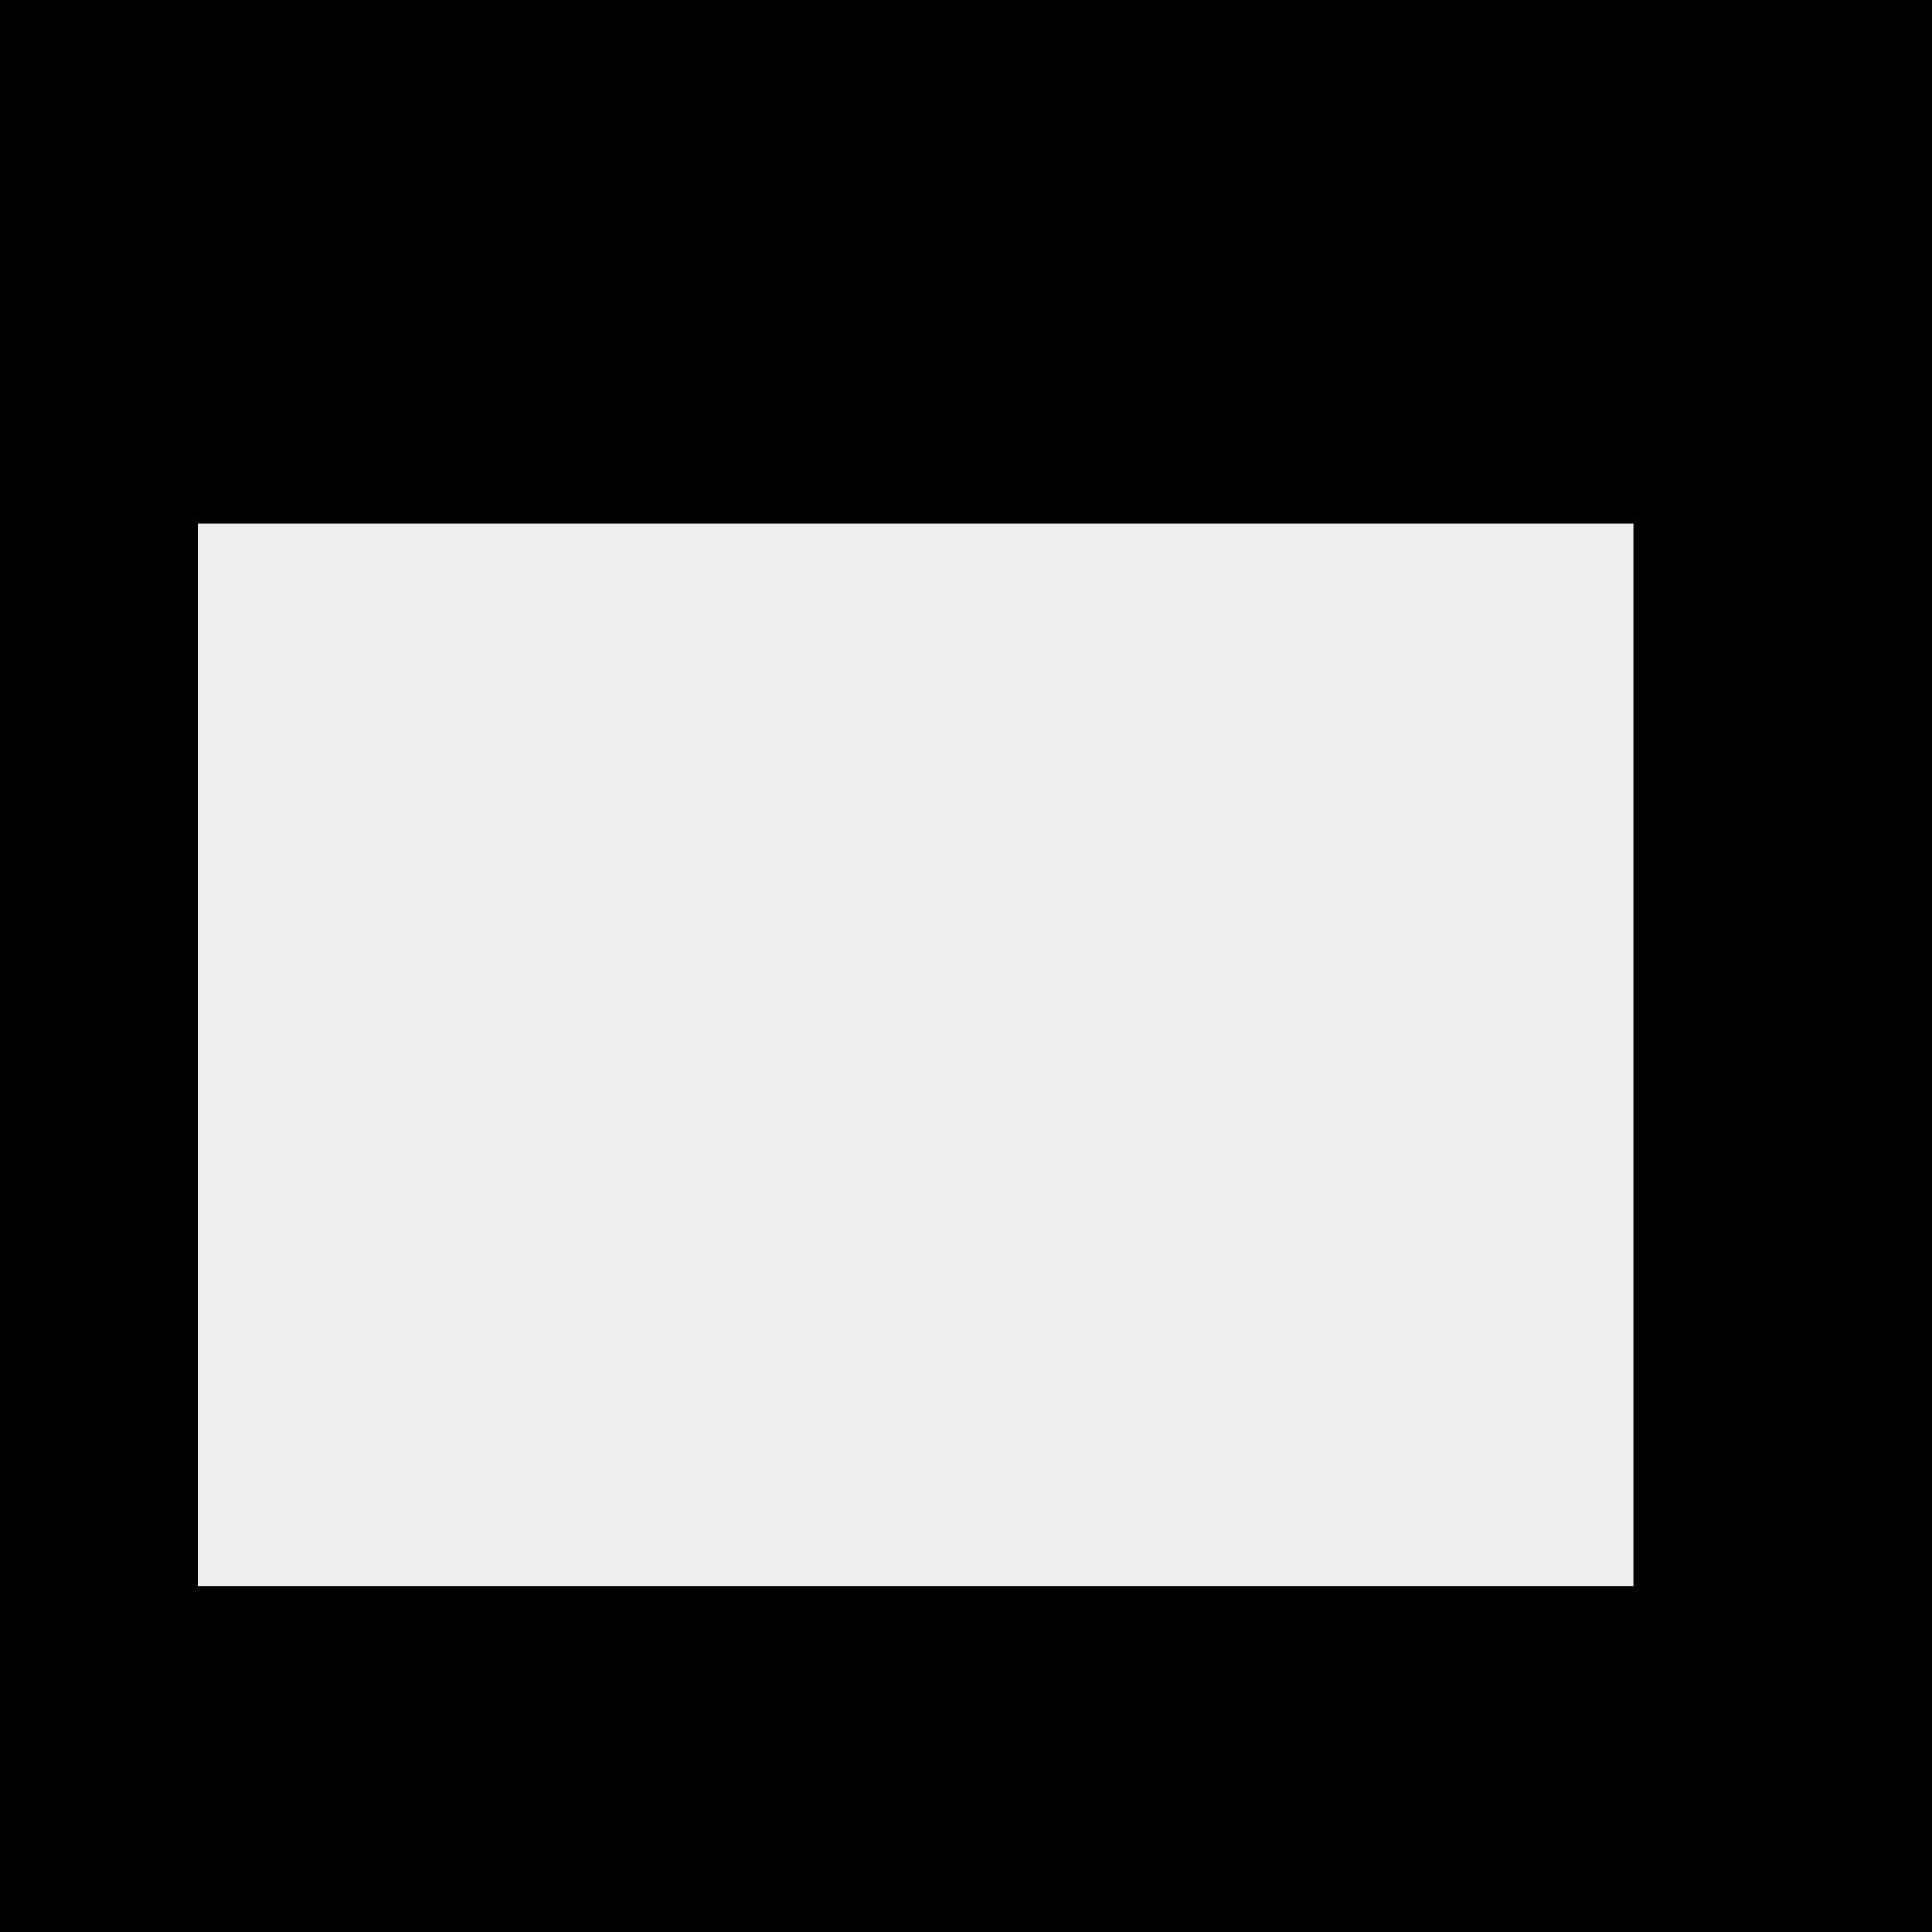 Lisa Gawenda Paper Plane Logomark White